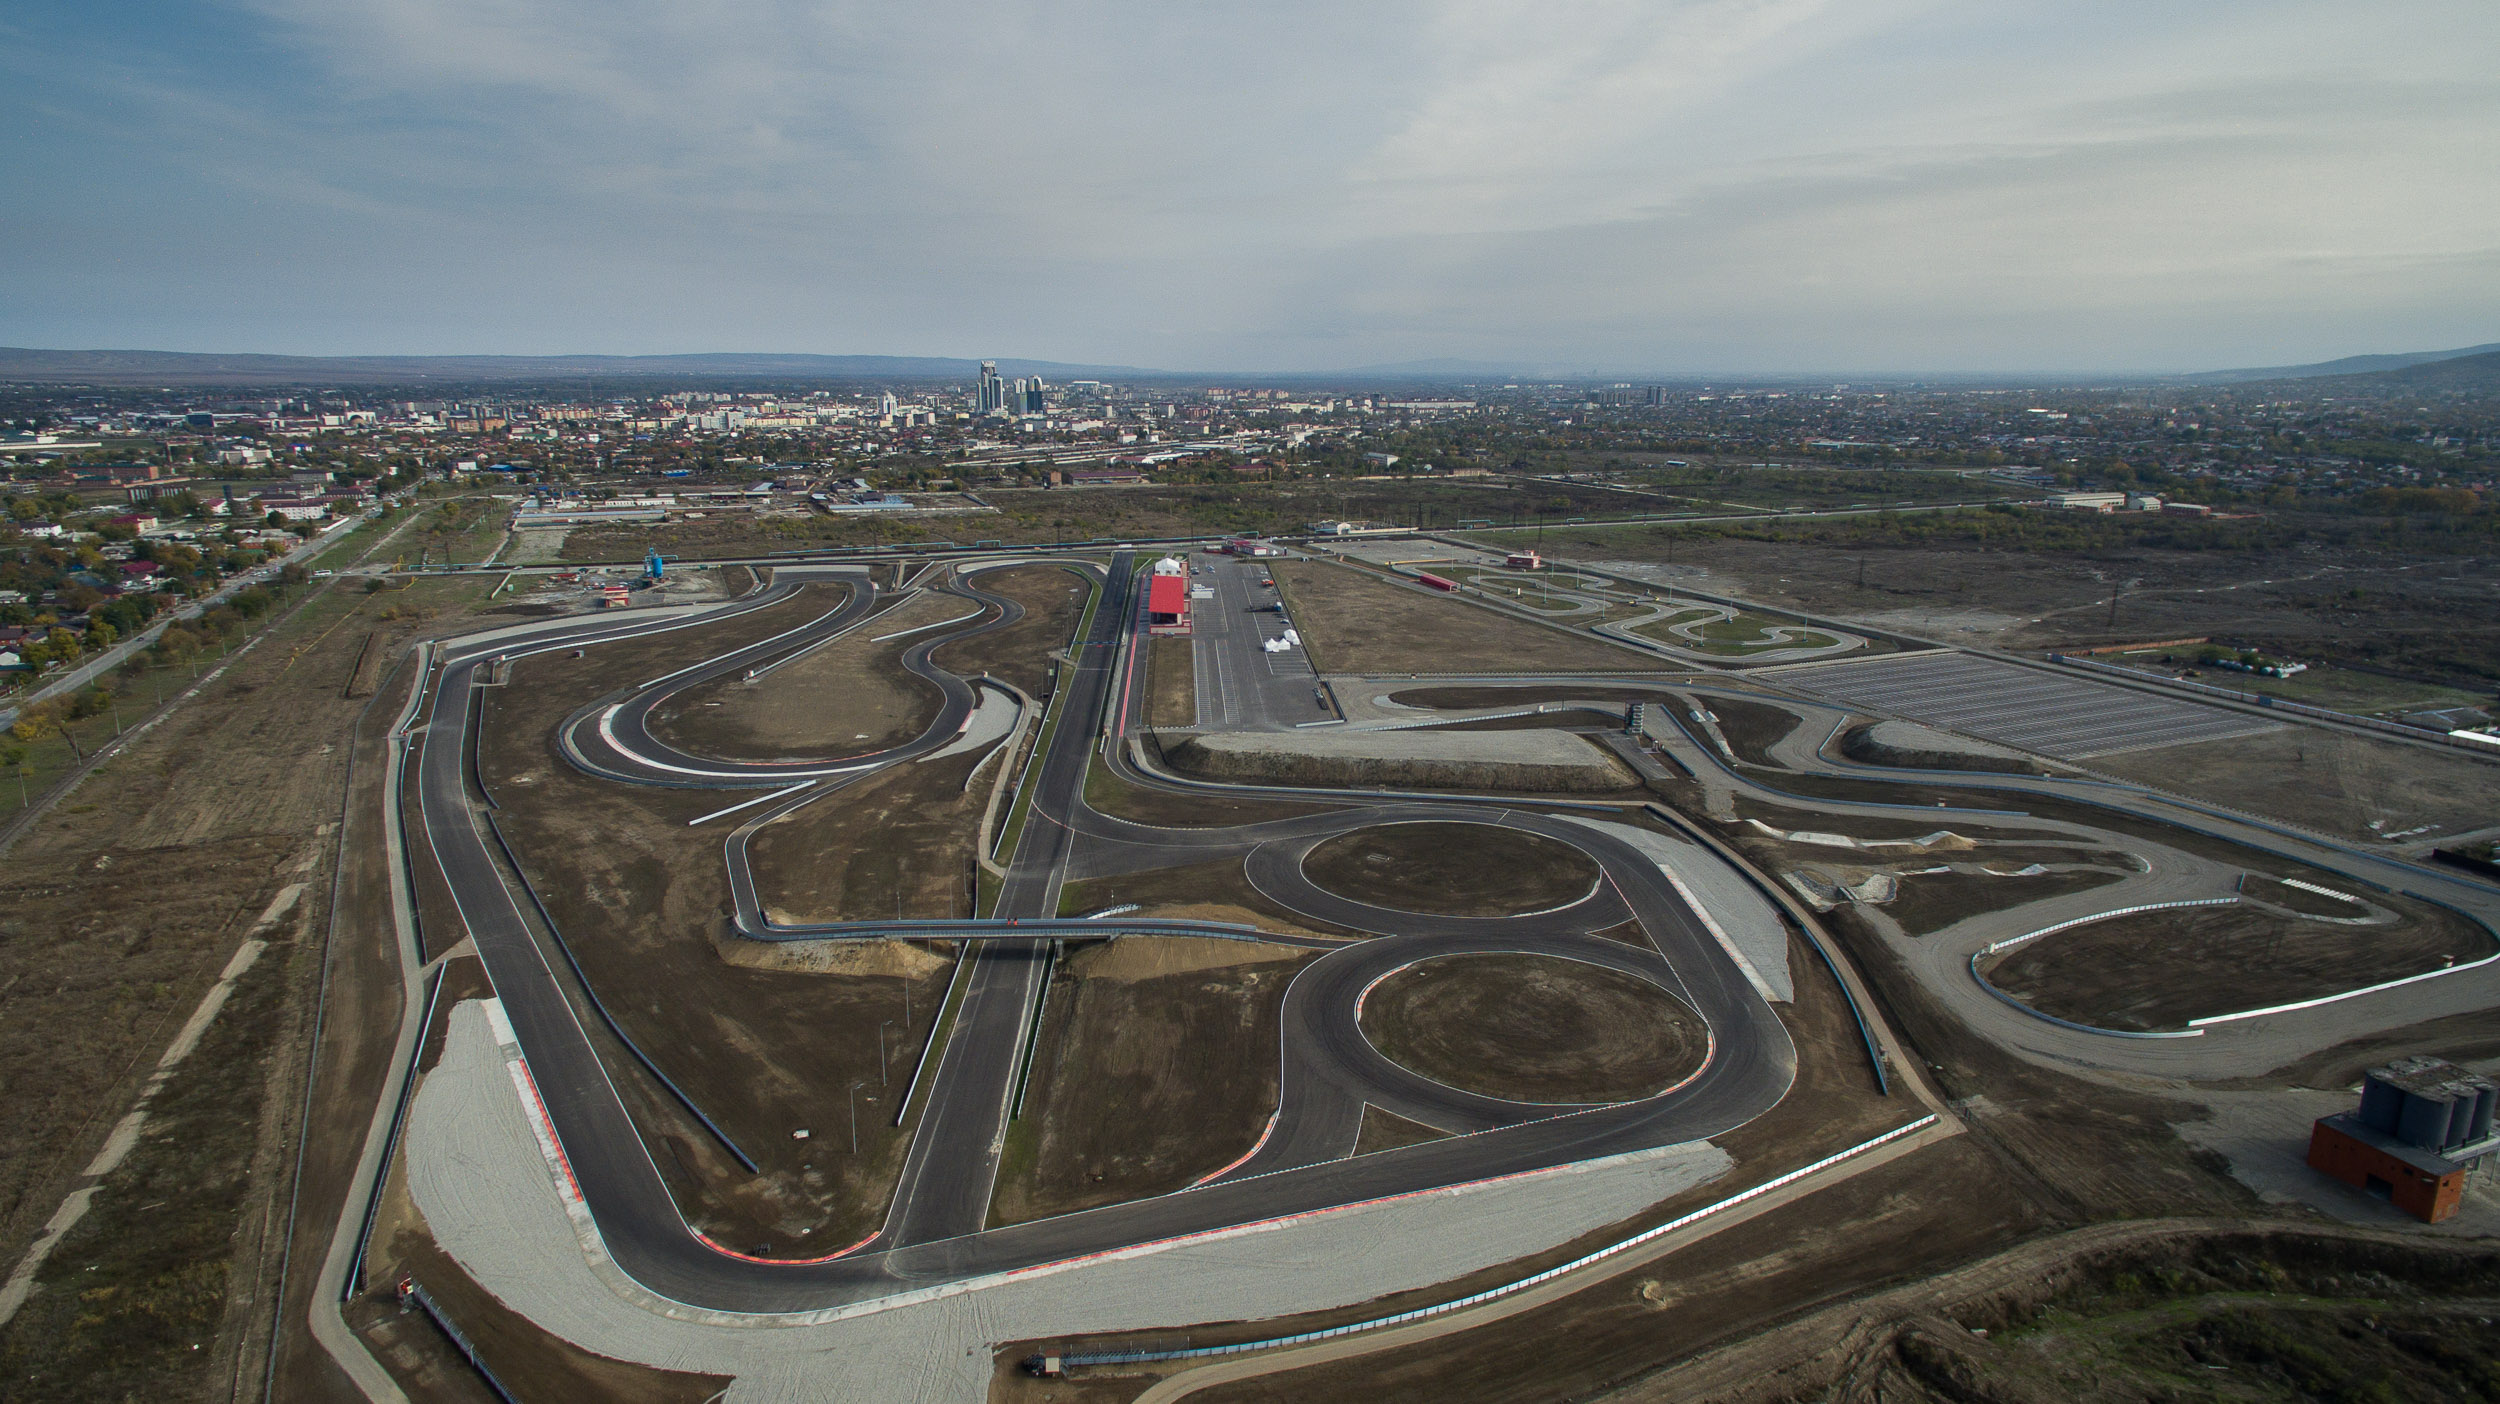 Завод «АвтоВАЗ» и предприятие «Роснефть» спонсируют отечественный цикл кольцевых ралли (фото 4)